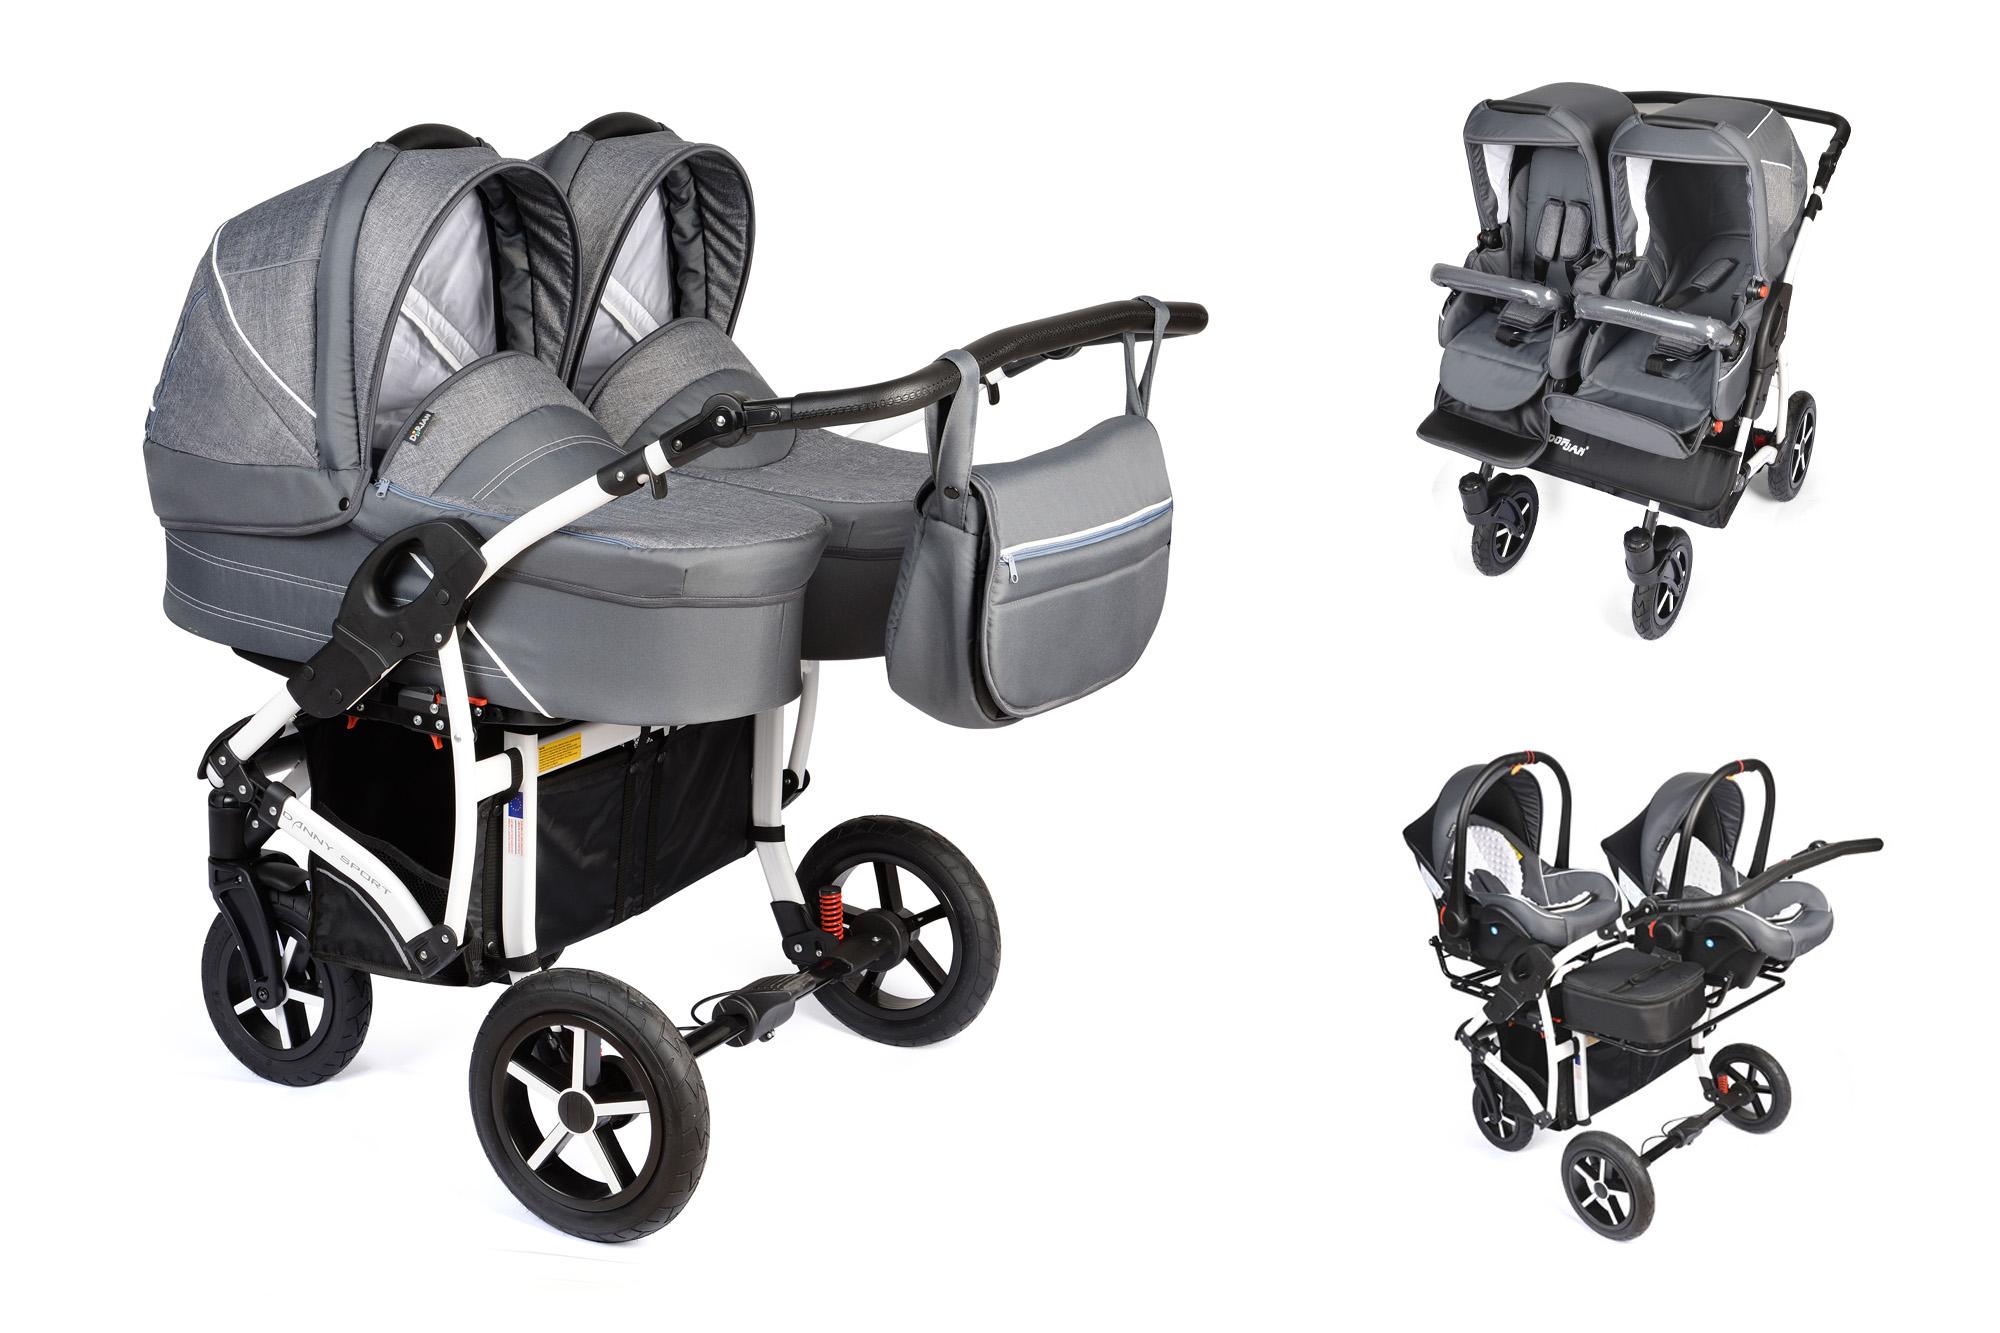 Zwillingskinderwagen mit babyschale  Zwillingskinderwagen 3-1 mit Babyschale in L-40, Duowagen ...